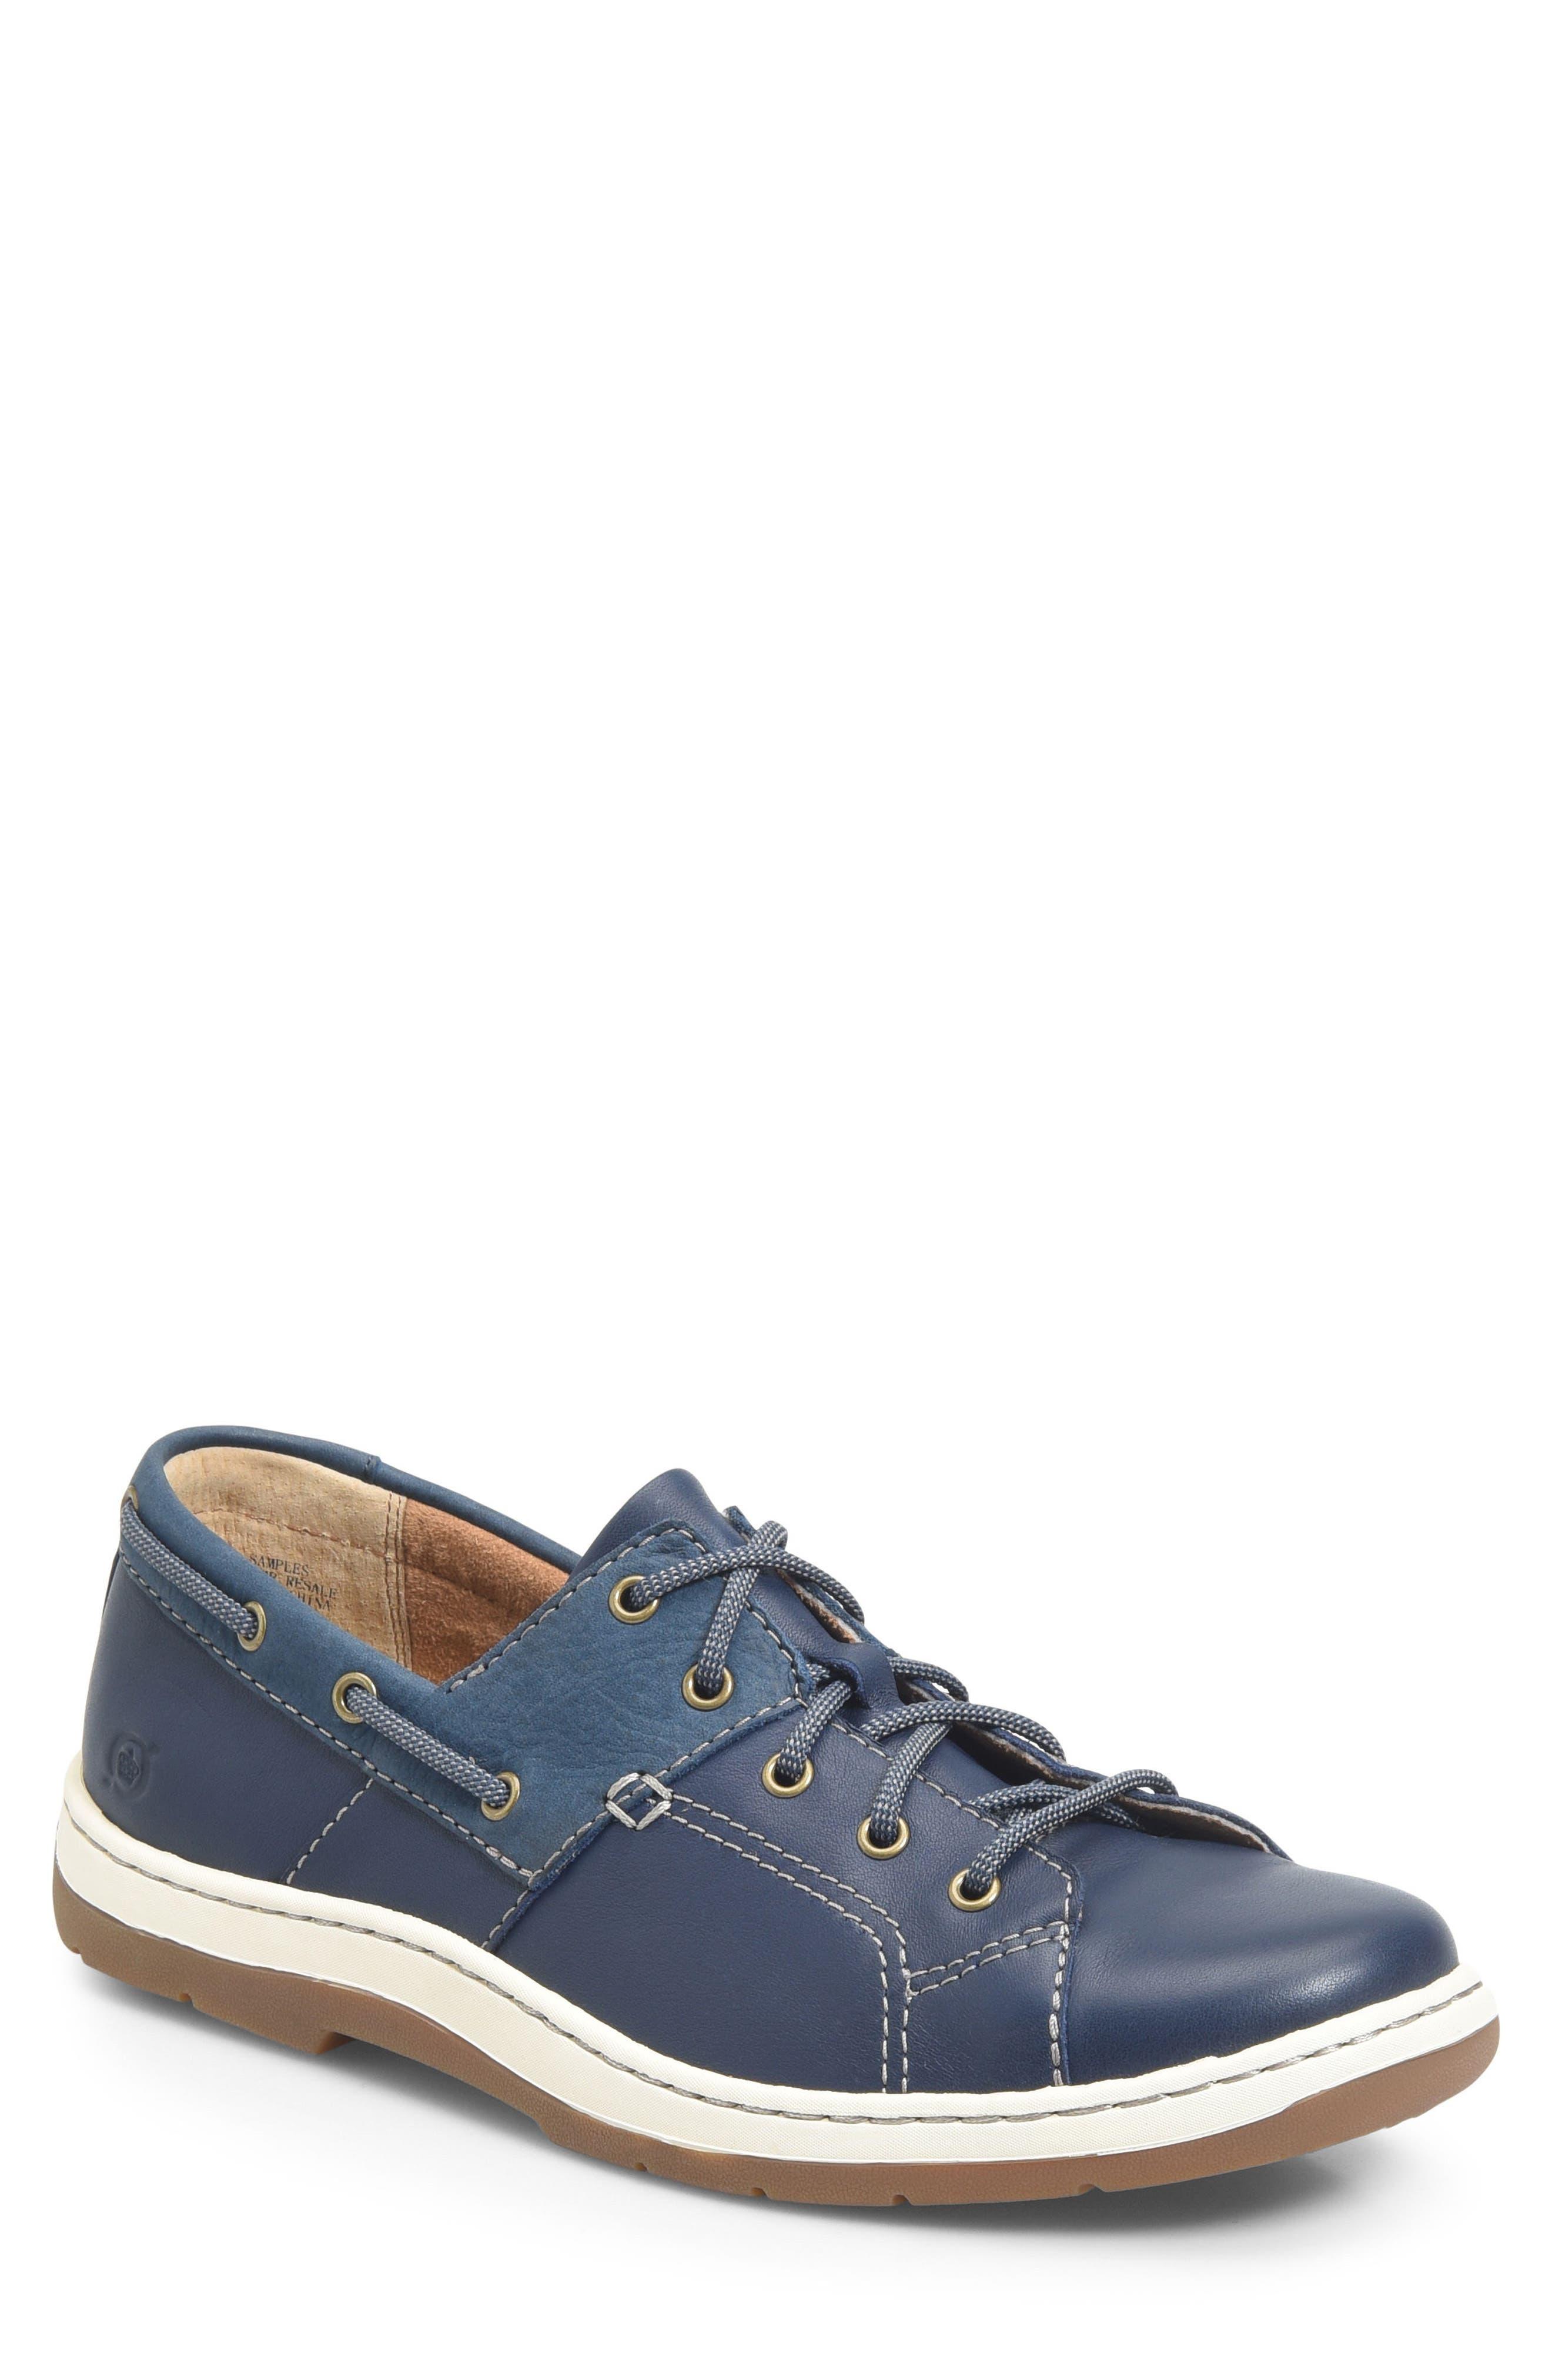 Børn Marius Boat Shoe Sneaker (Men)